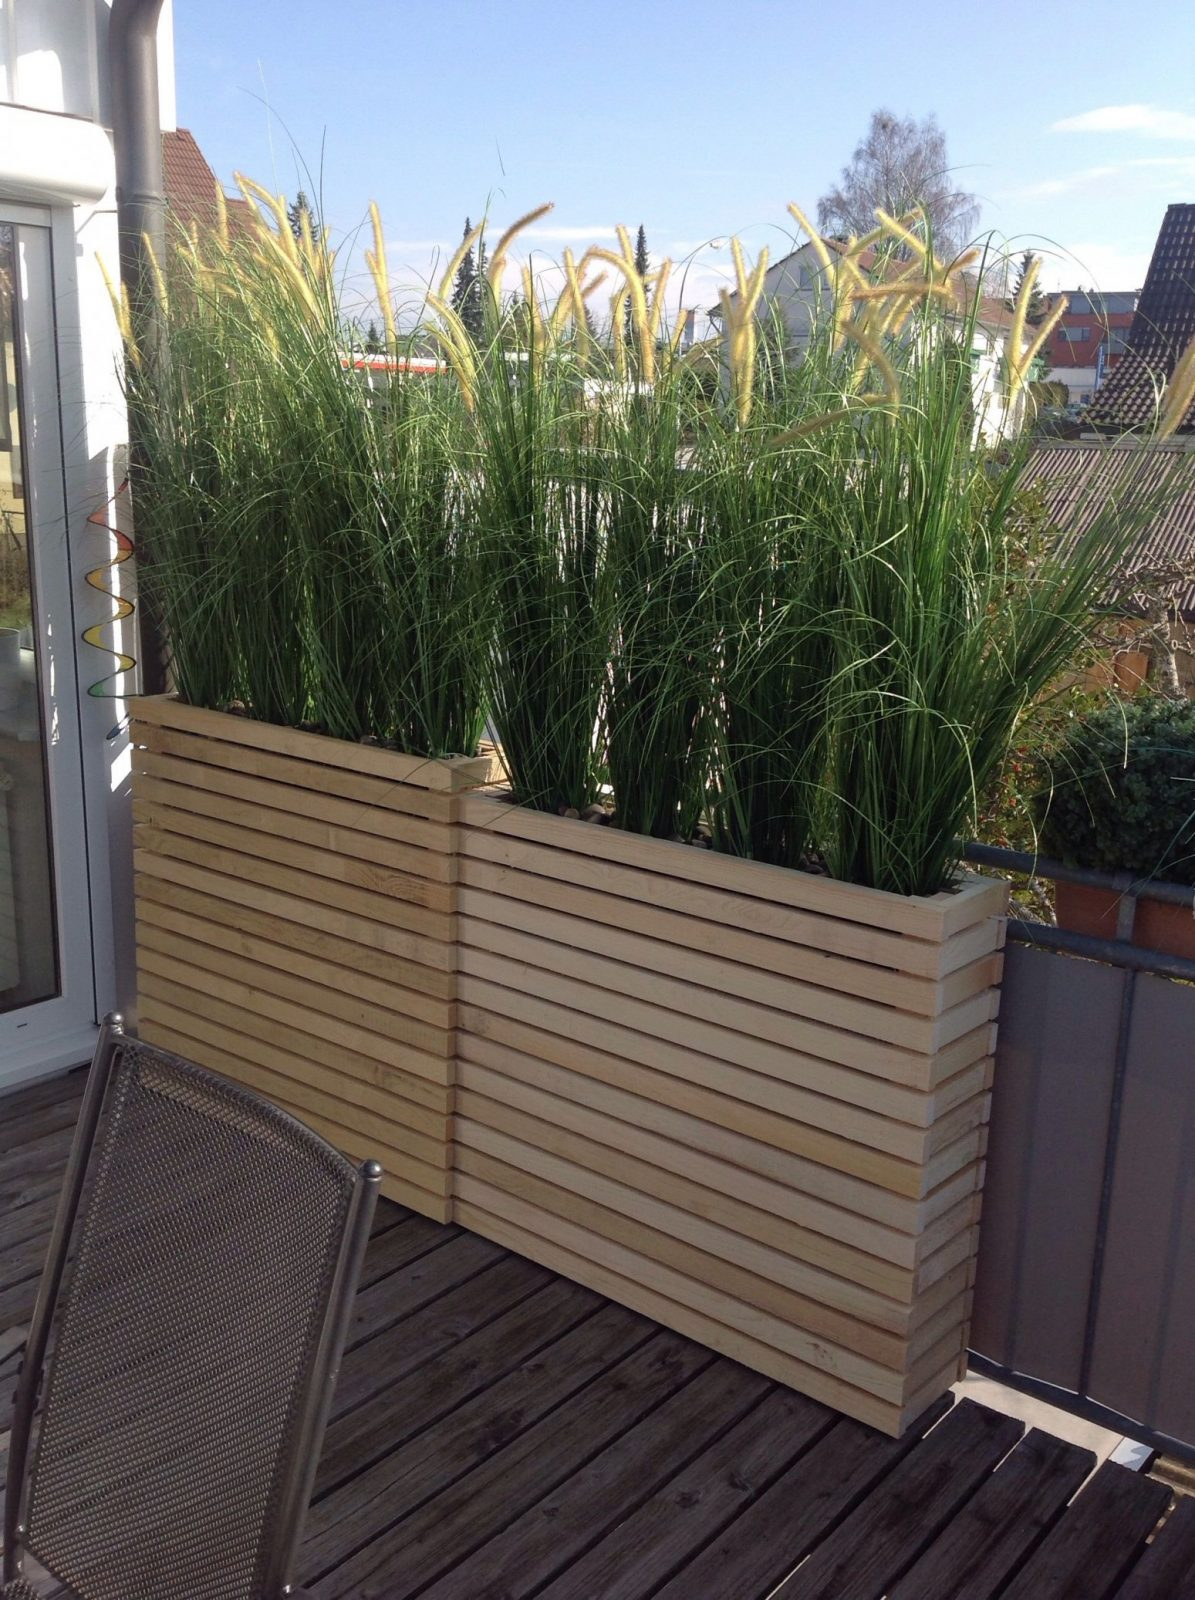 Mooie Plantenbakken Om Bamboe Of Siergras In Te Doen Voor Een Mooie von Garten Sichtschutz Mit Blumenkasten Photo